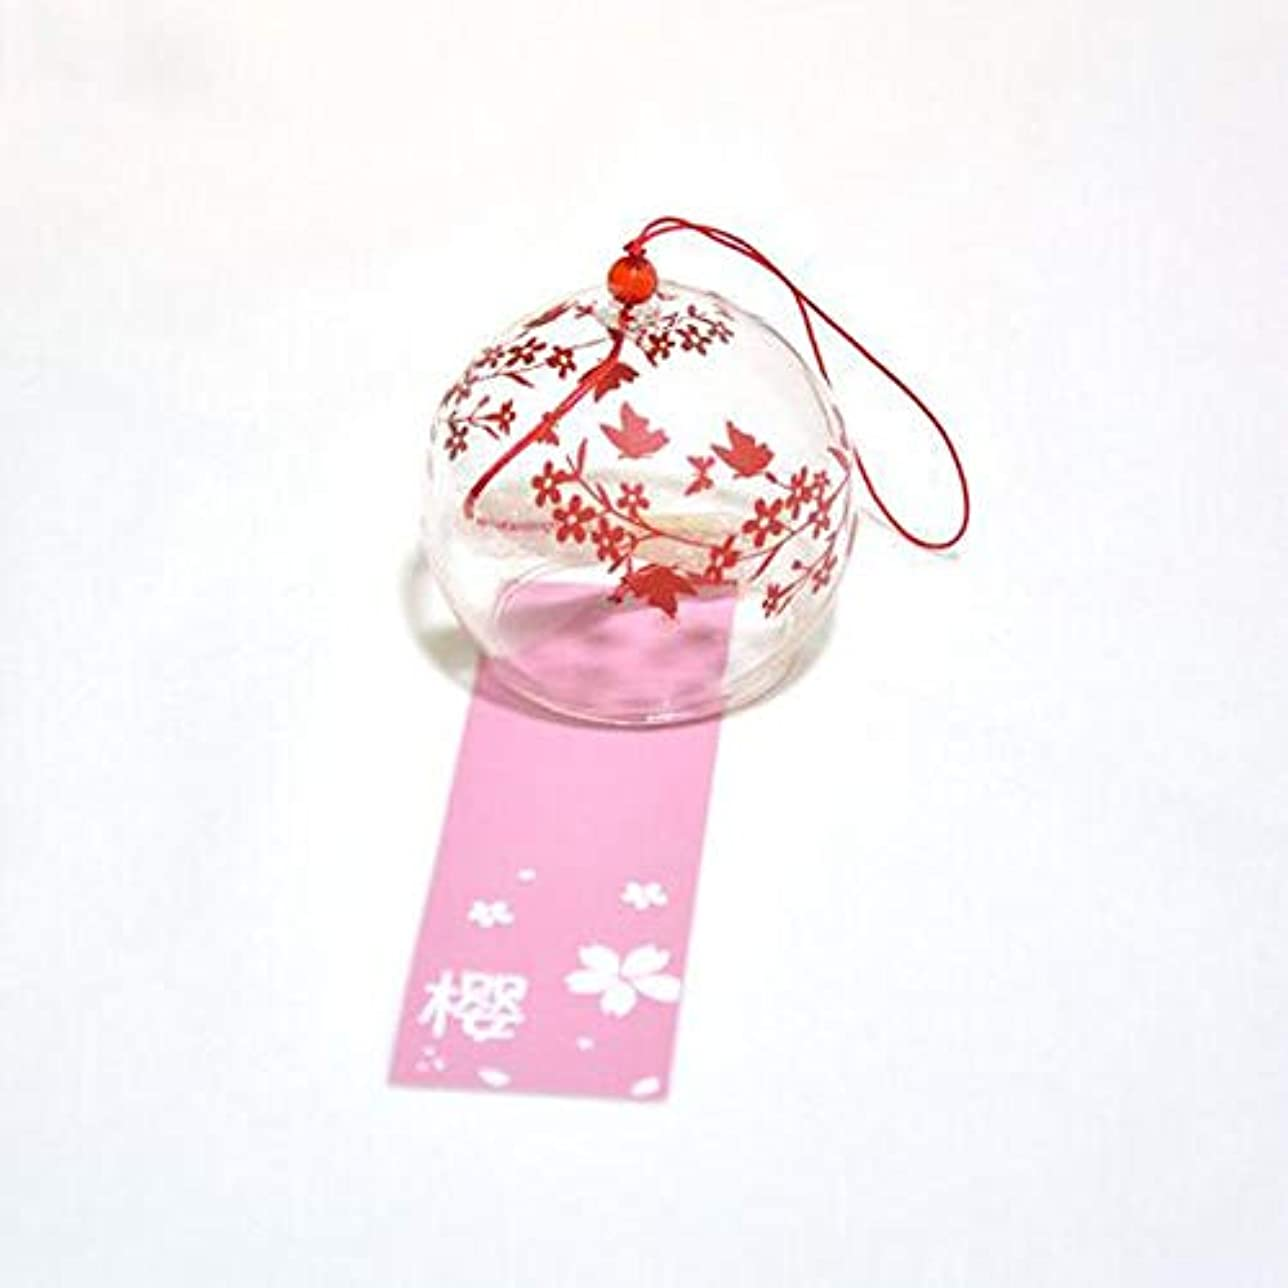 ネックレス脱走市民権Qiyuezhuangshi 風チャイム、手描きのグラス風チャイム、透明、サイズ6 * 7CM,美しいホリデーギフト (Color : Red)